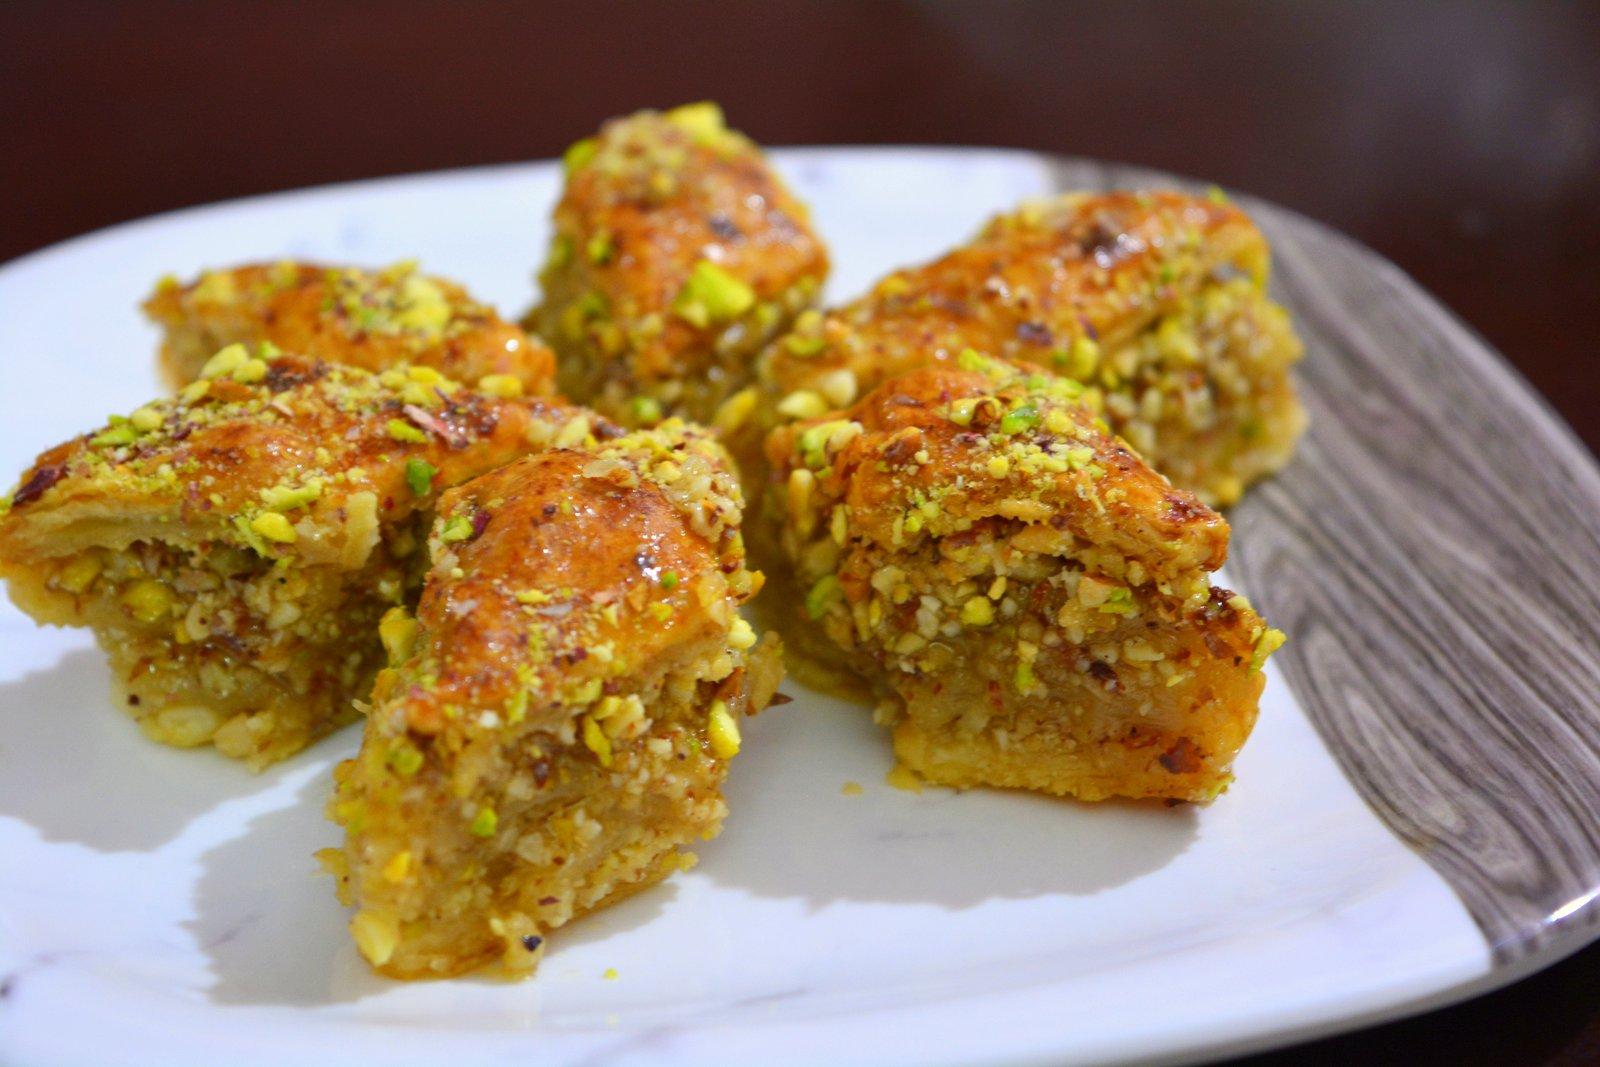 Turkish Baklava Recipe From Scratch By Archana S Kitchen